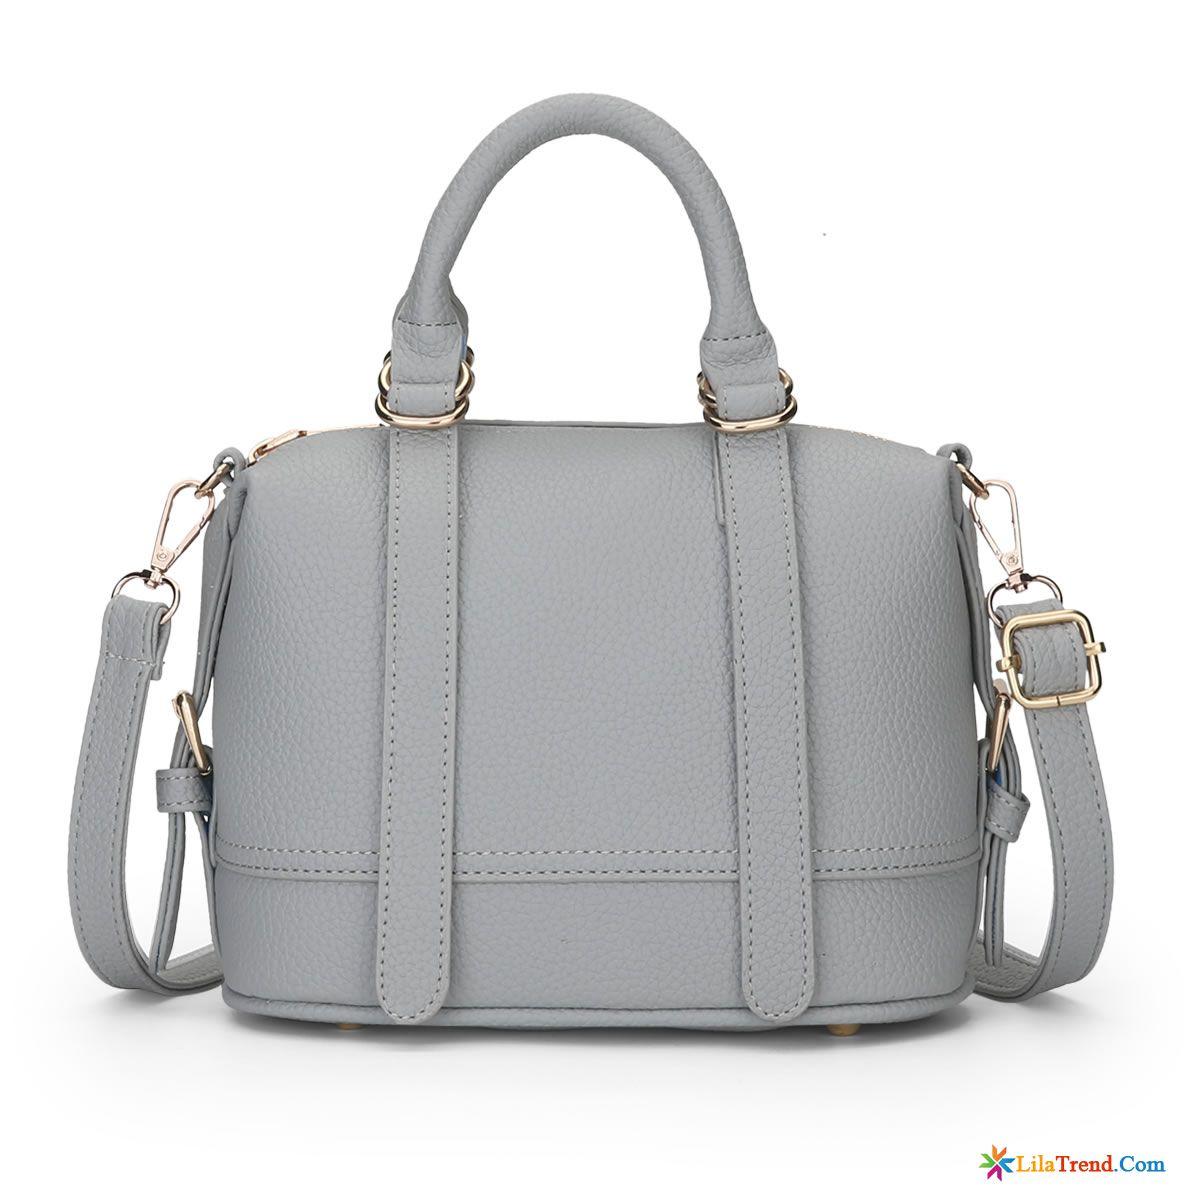 aa570ed2d35a8 Outdoor Umhängetaschen Frauen Dunkelgrün Klein Taschen Das Neue Trend  Messenger-tasche Kaufen